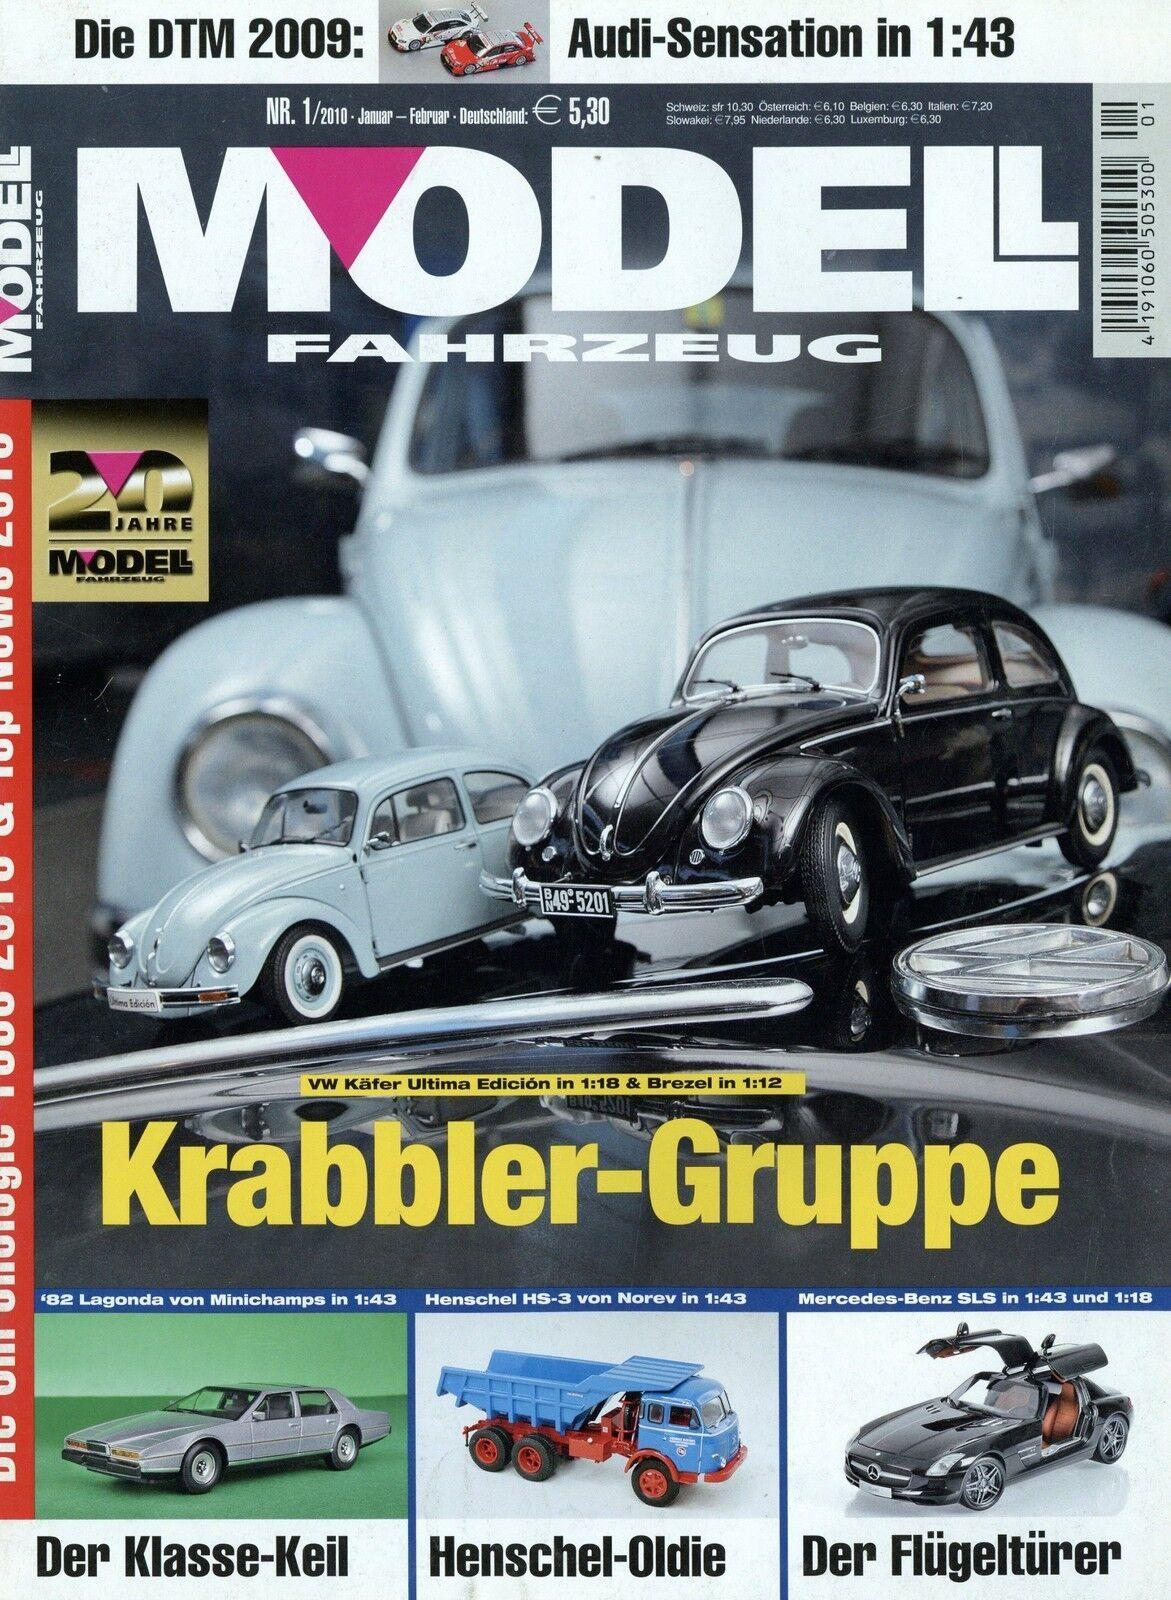 Revista modelo vehículo 1 2010 2010 2010 audi v8 DTM Citroën 2cv Fendt 9460r capitán  sin mínimo